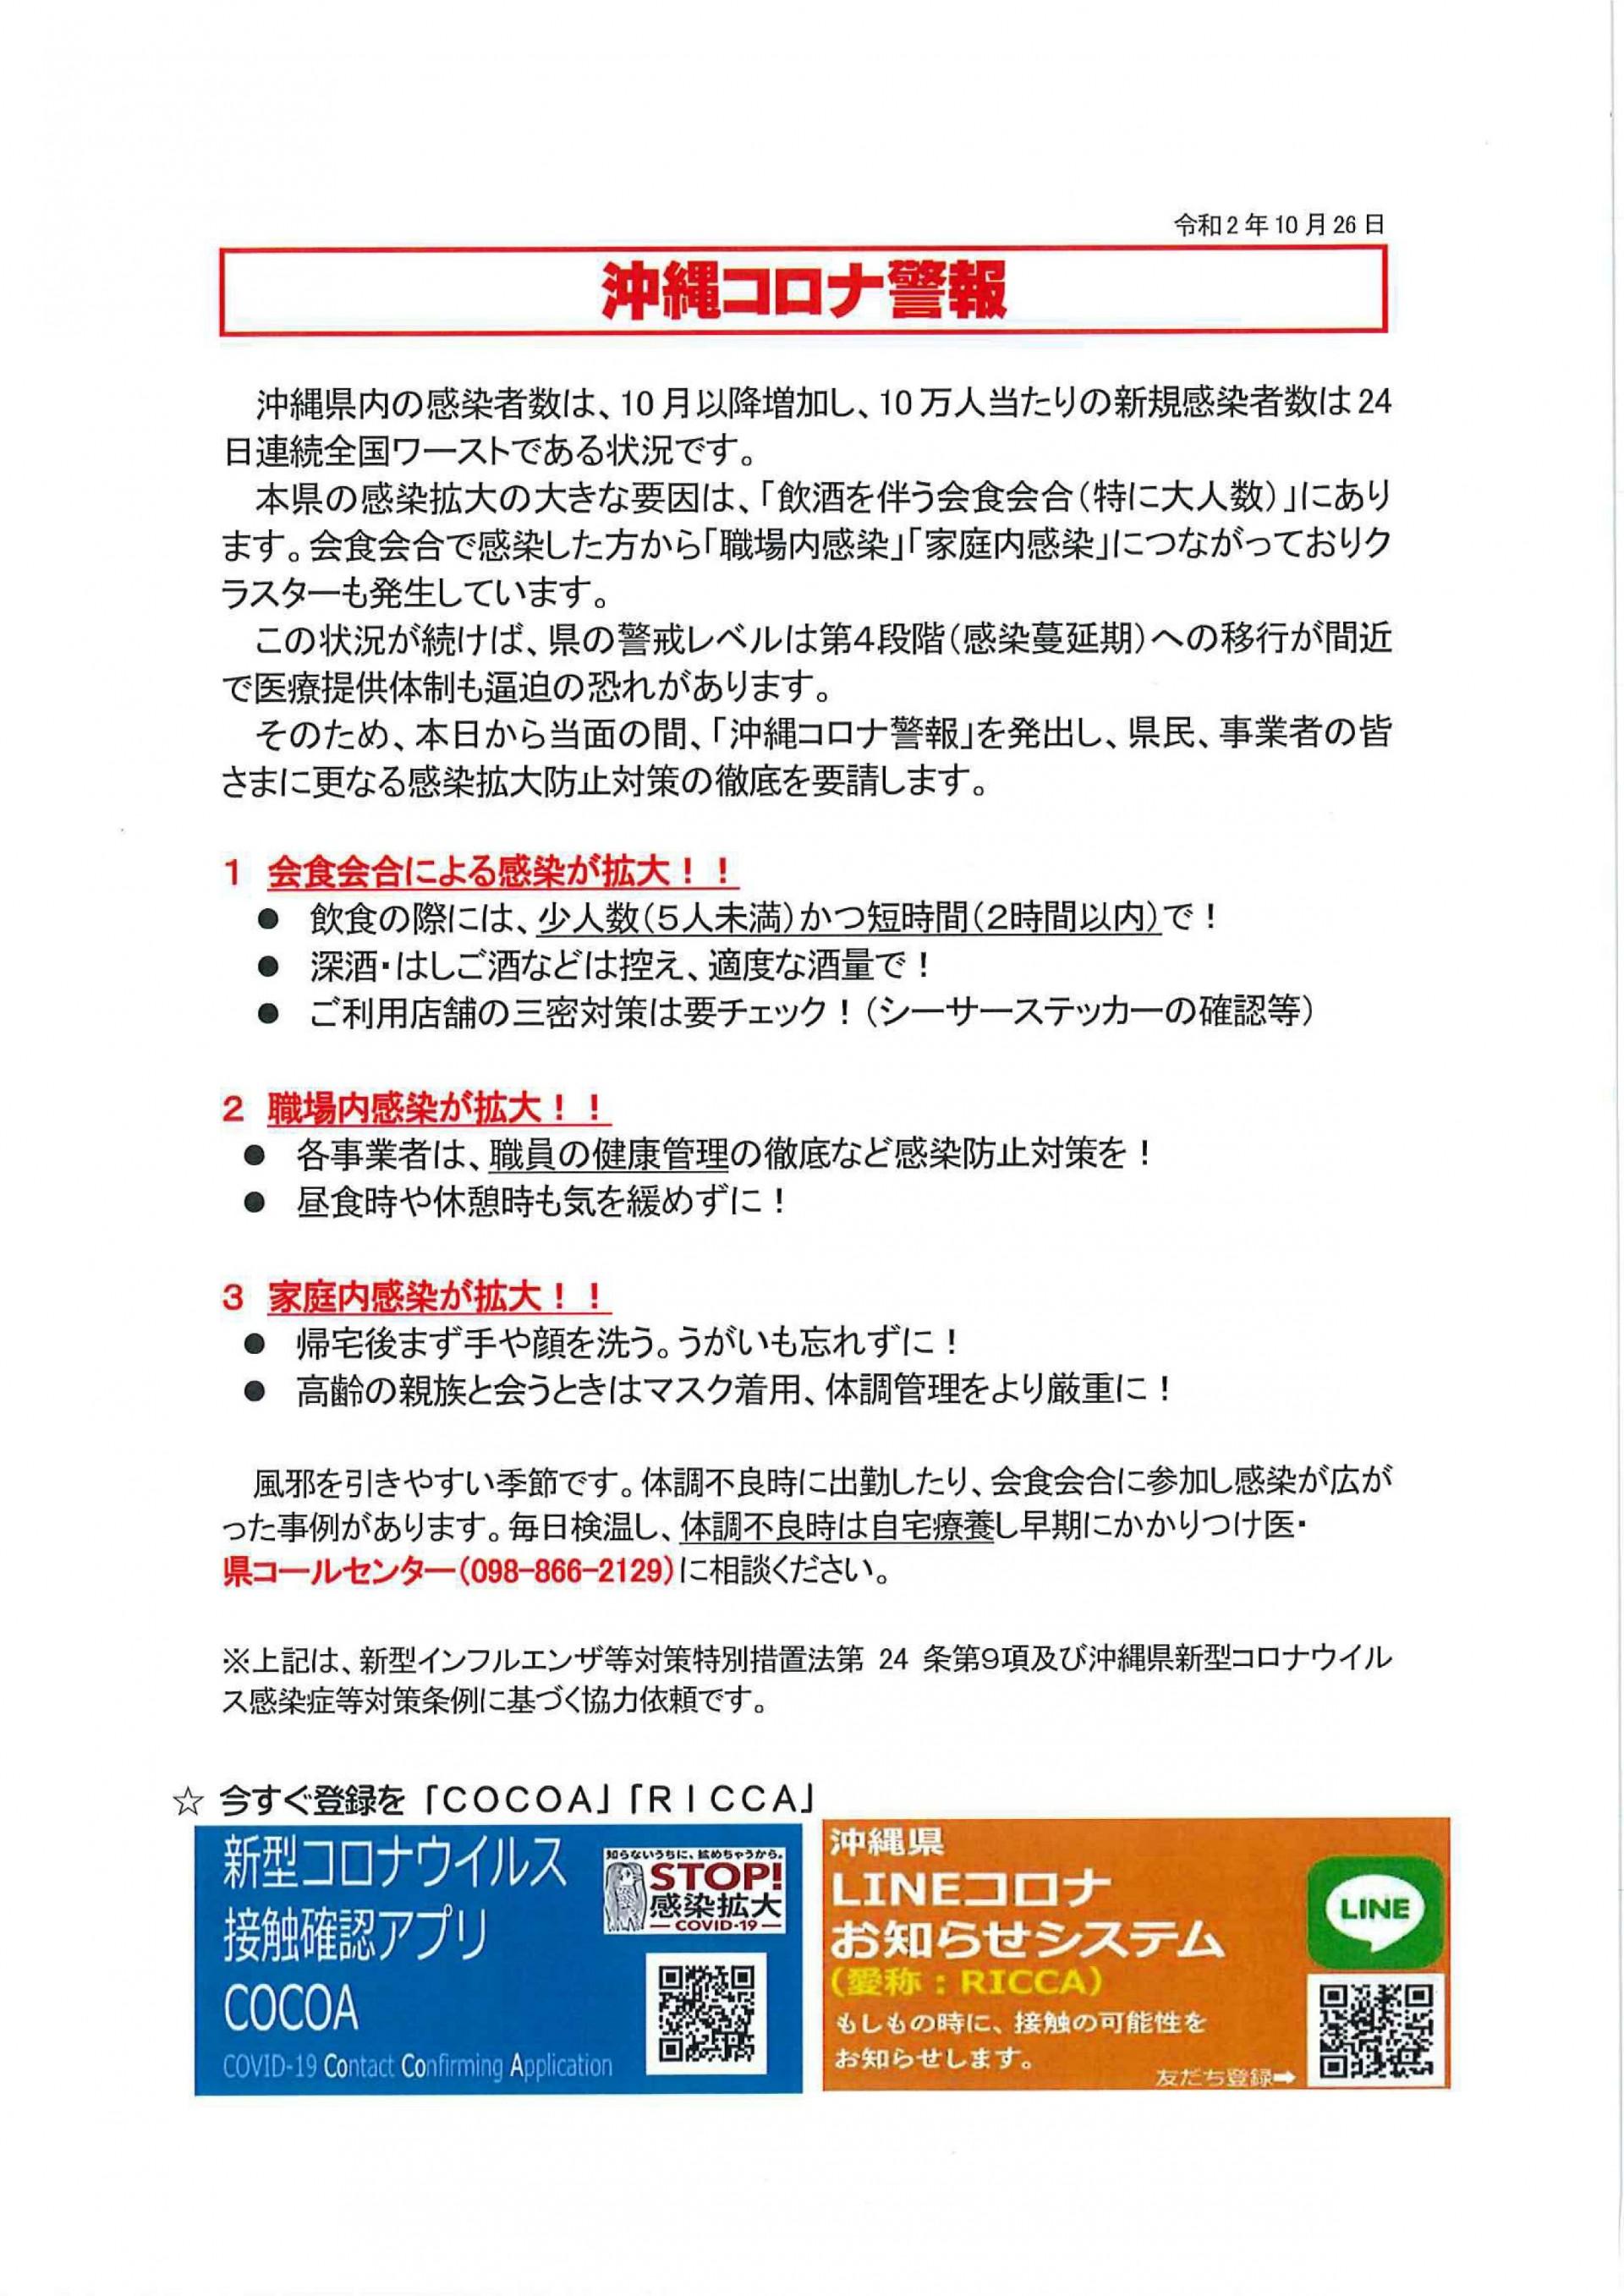 コロナ 情報 沖縄